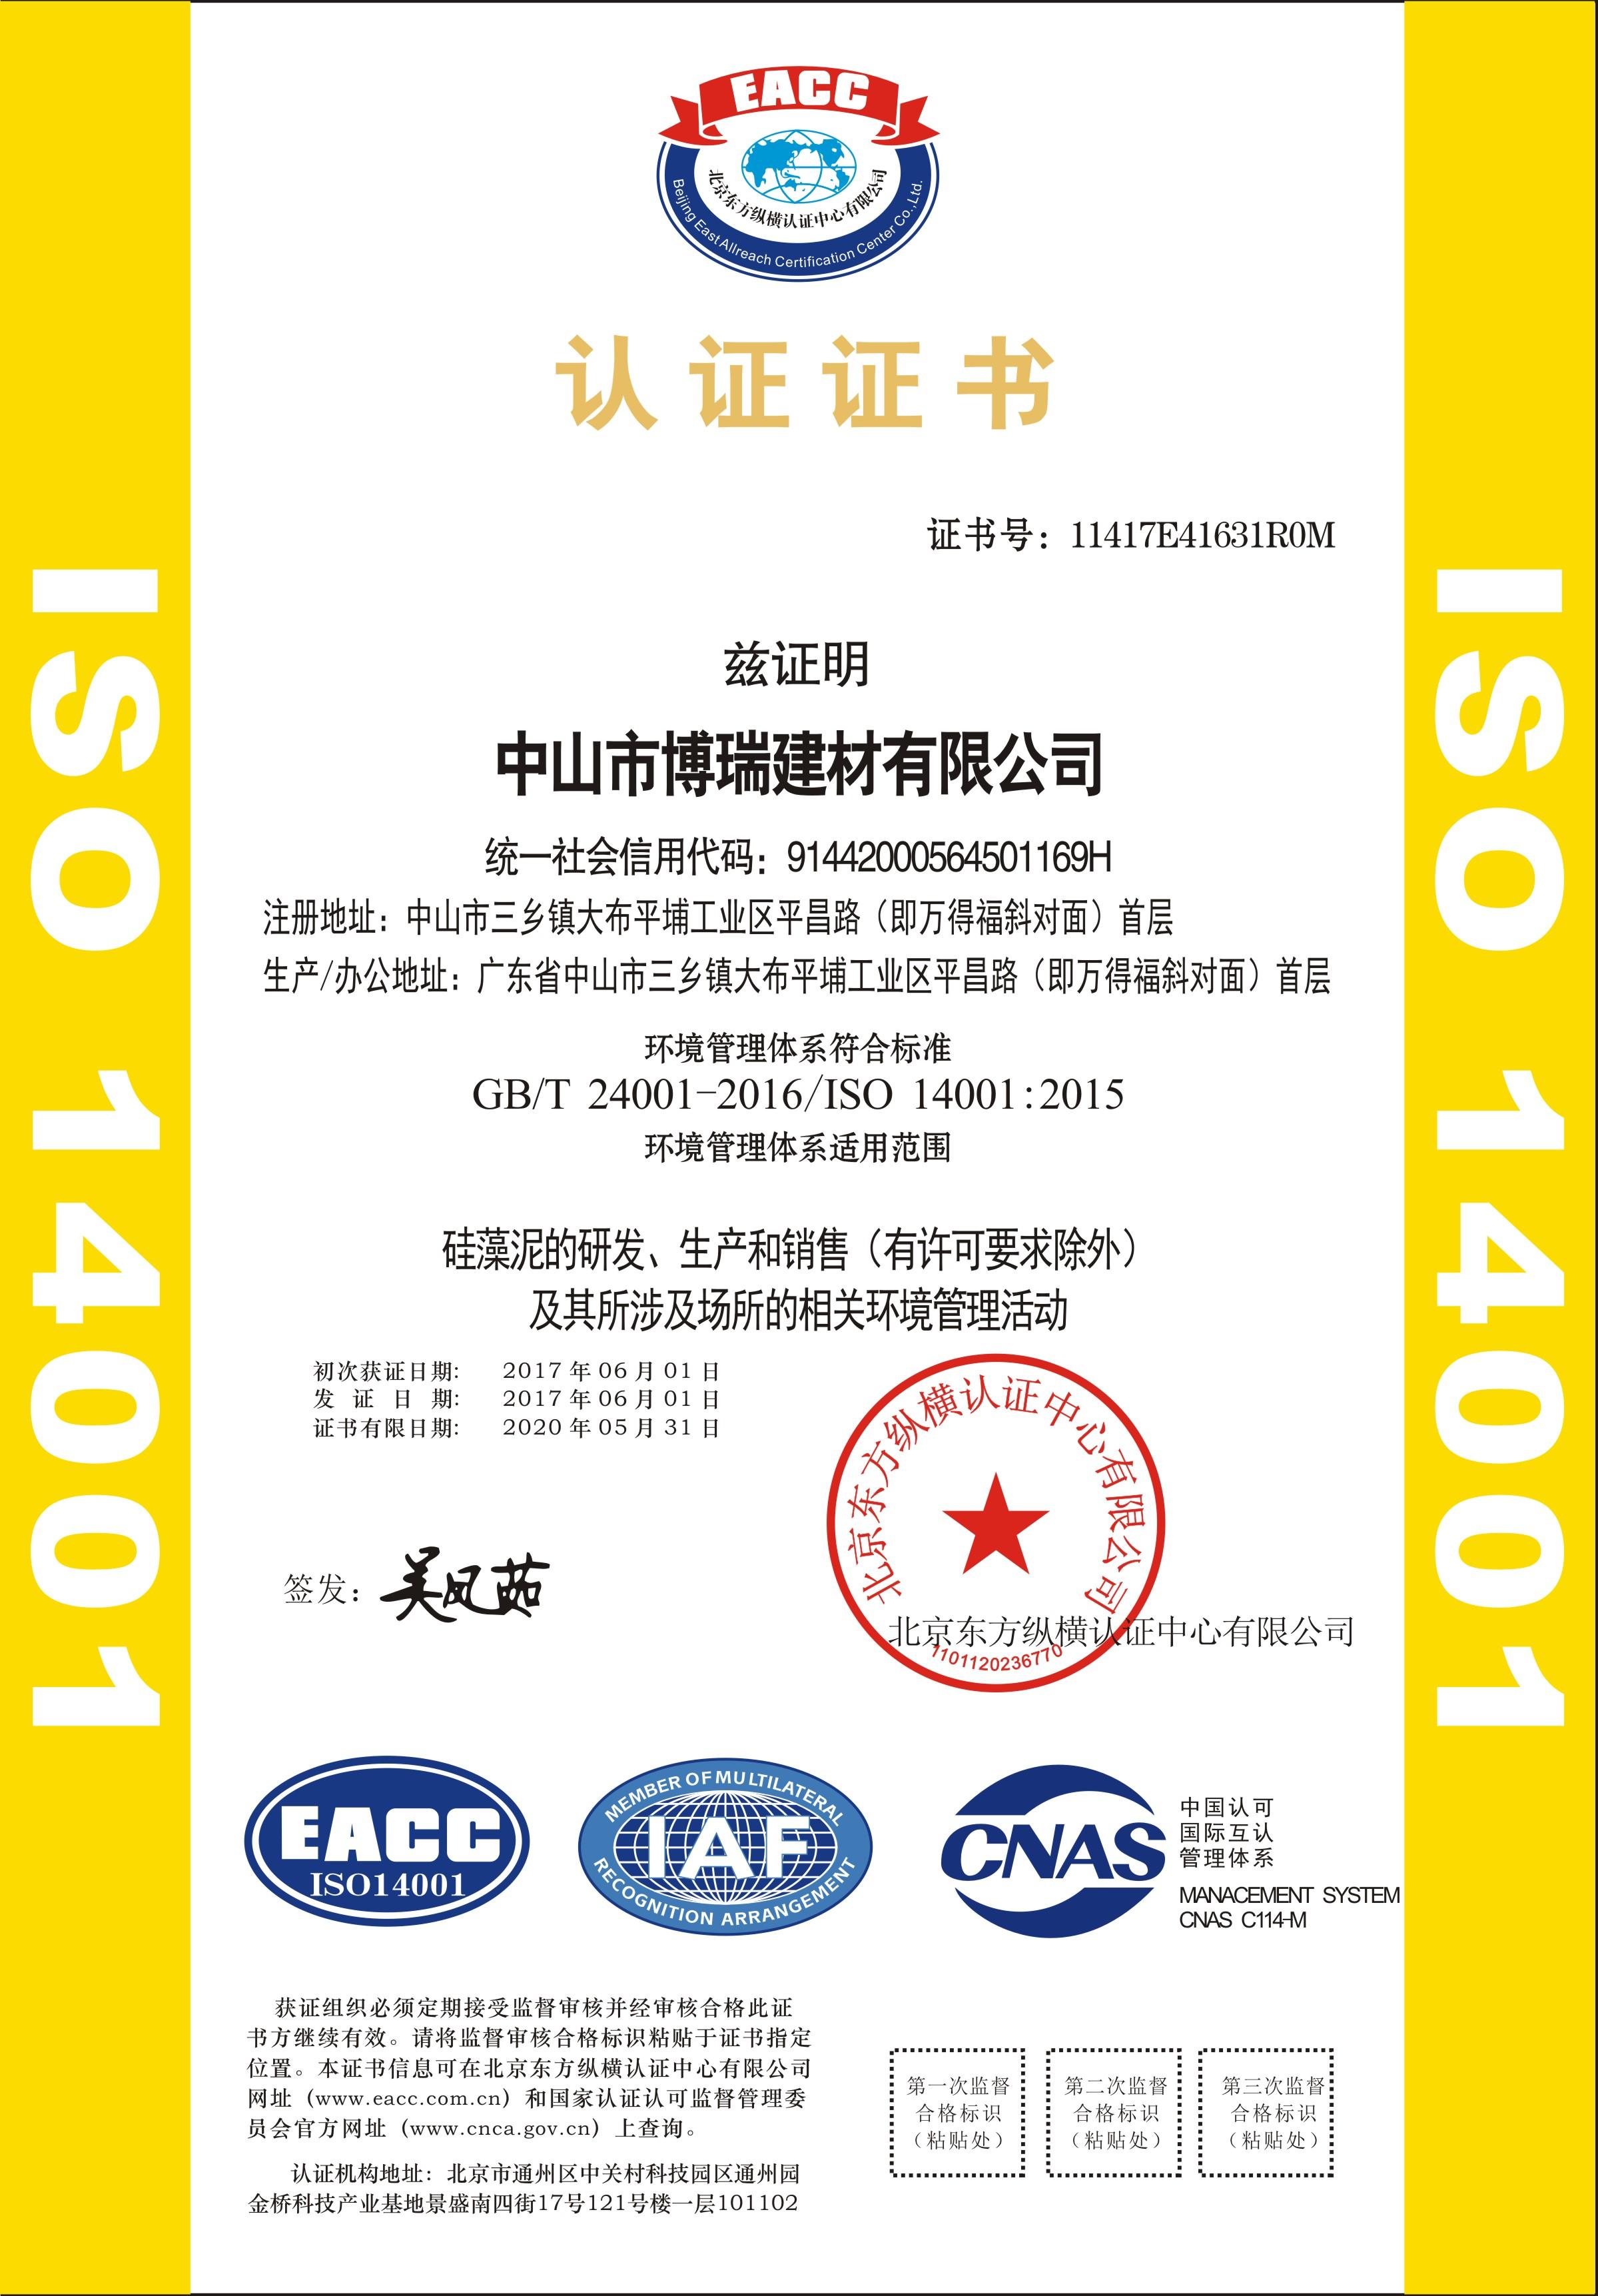 环境管理体系认证证书ISO14001(中文)